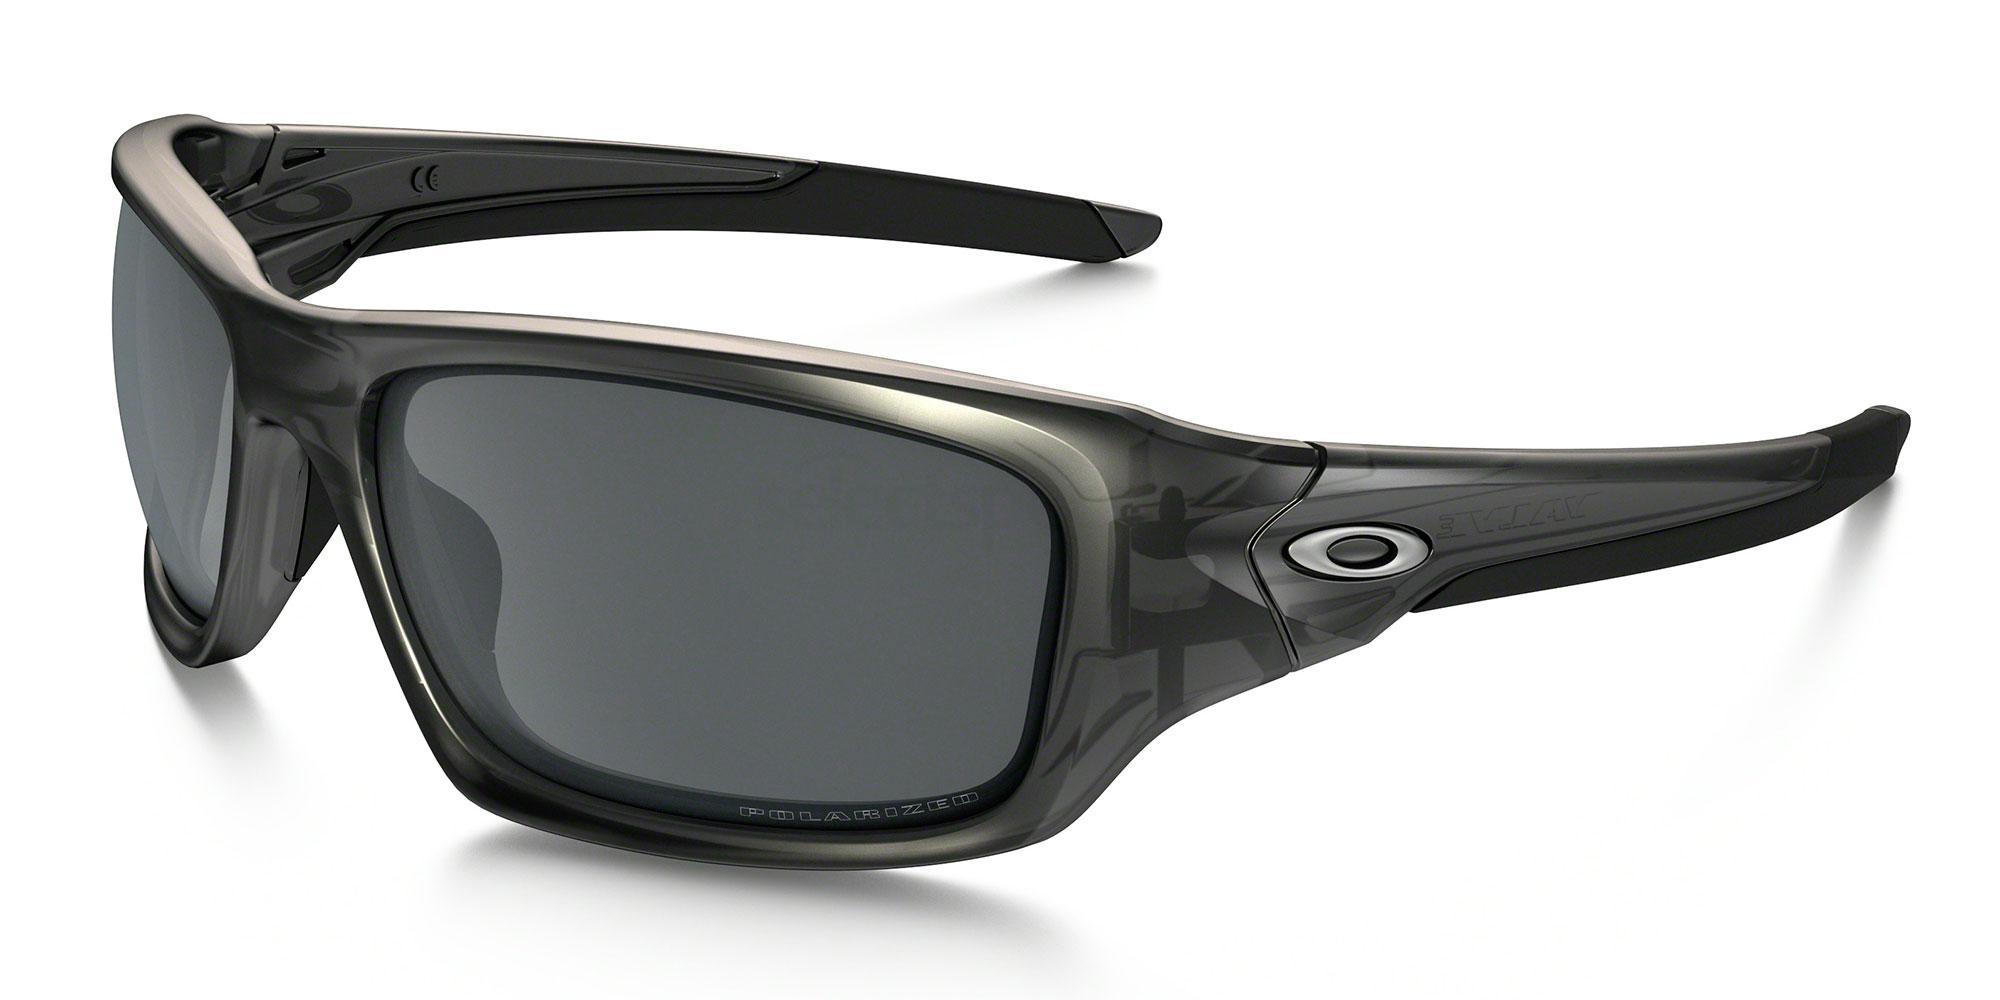 923606 OO9236 VALVE (Polarized) Sunglasses, Oakley